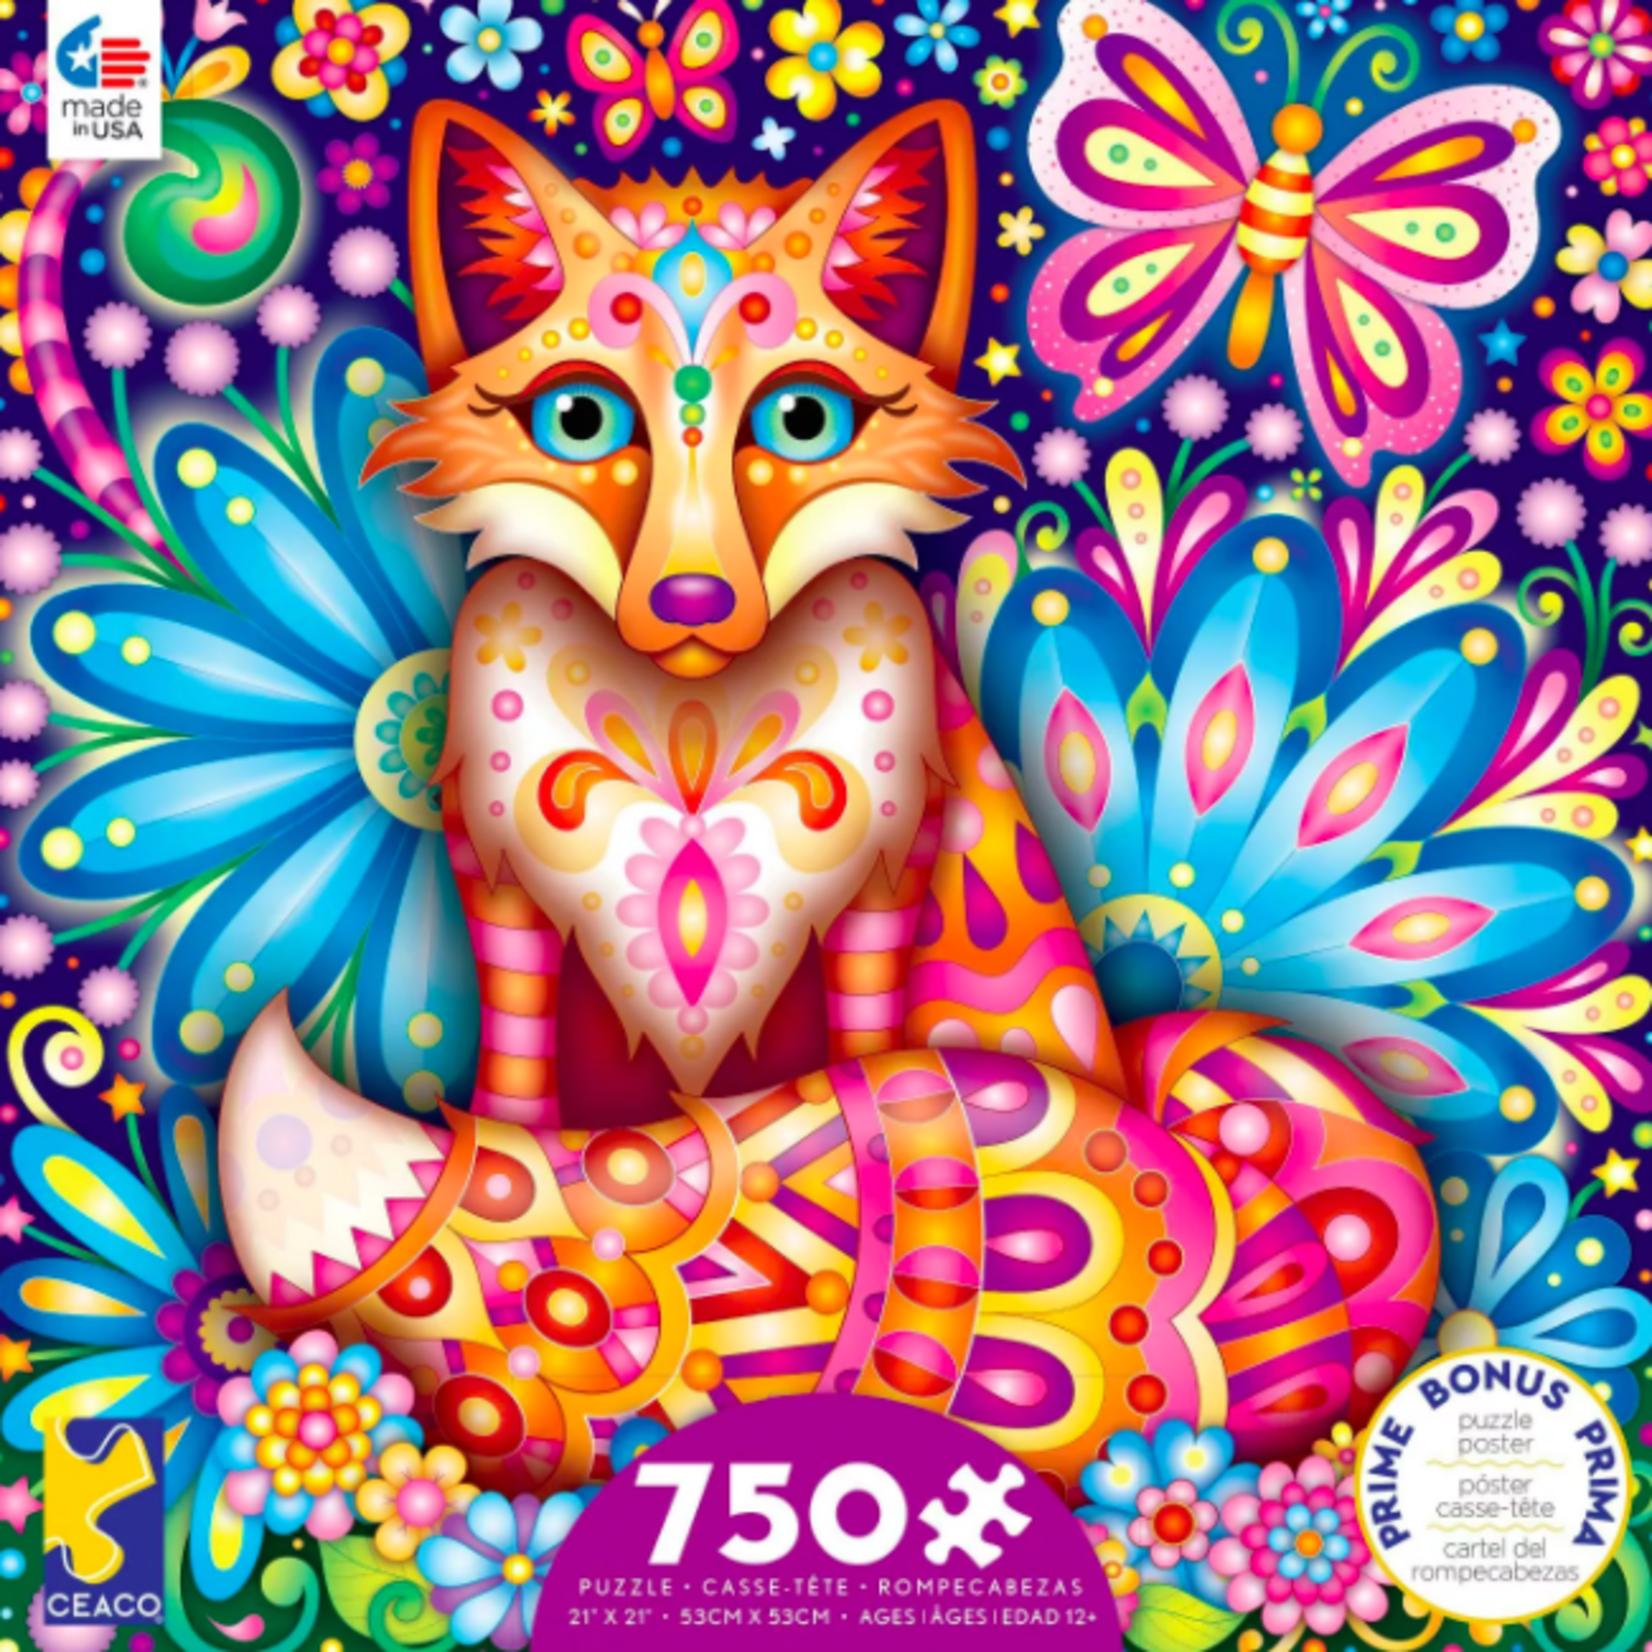 ceaco Ceaco - 750 Piece Puzzle: Groovy Animals - Fox